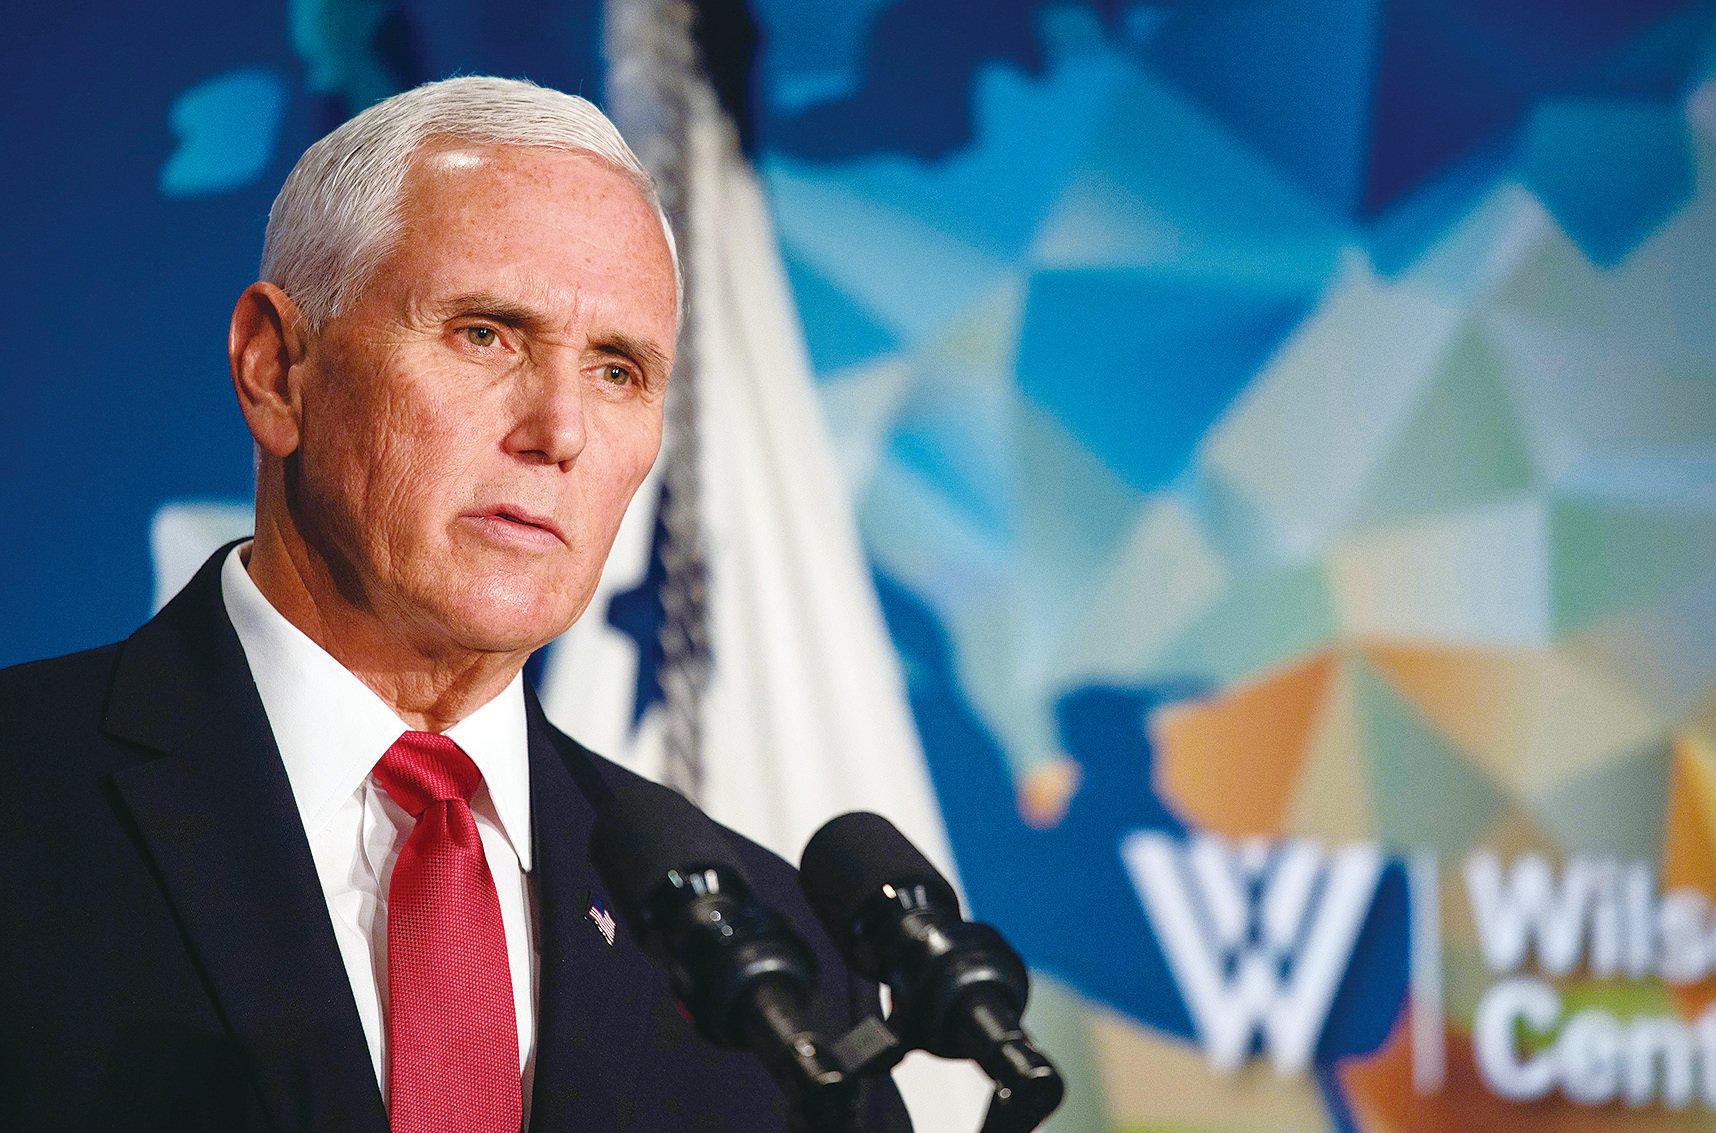 10月24日,美國副總統彭斯在華盛頓智囊威爾遜中心,就美中關係問題發表了第二次演講。這次演講的一大亮點,就是重申美國對香港反送中運動的支持。( Getty Images)